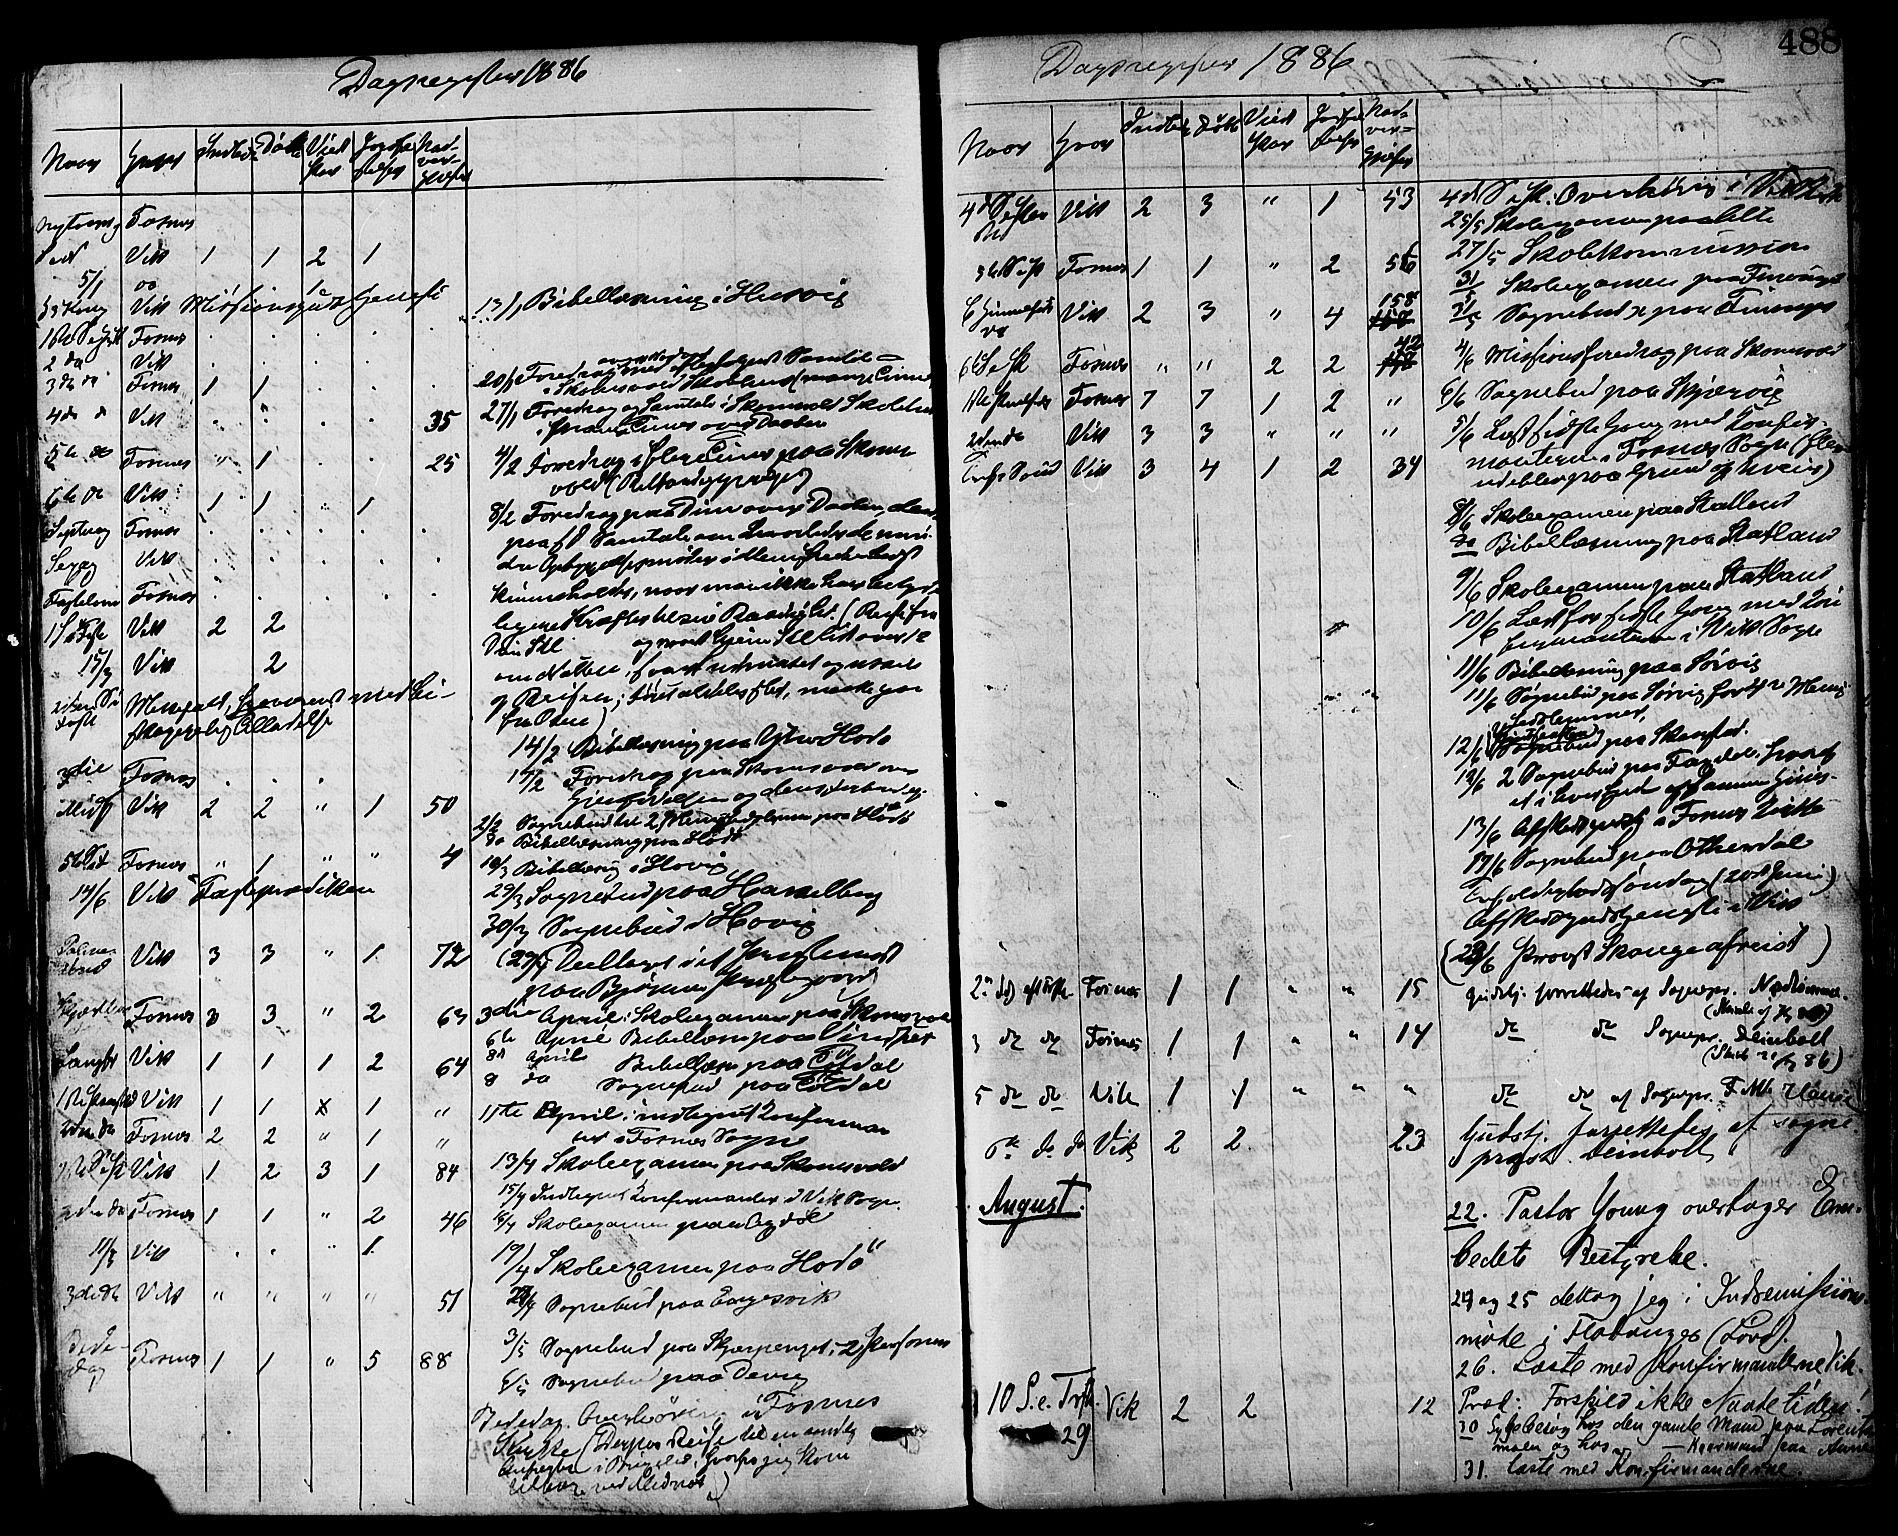 SAT, Ministerialprotokoller, klokkerbøker og fødselsregistre - Nord-Trøndelag, 773/L0616: Ministerialbok nr. 773A07, 1870-1887, s. 488